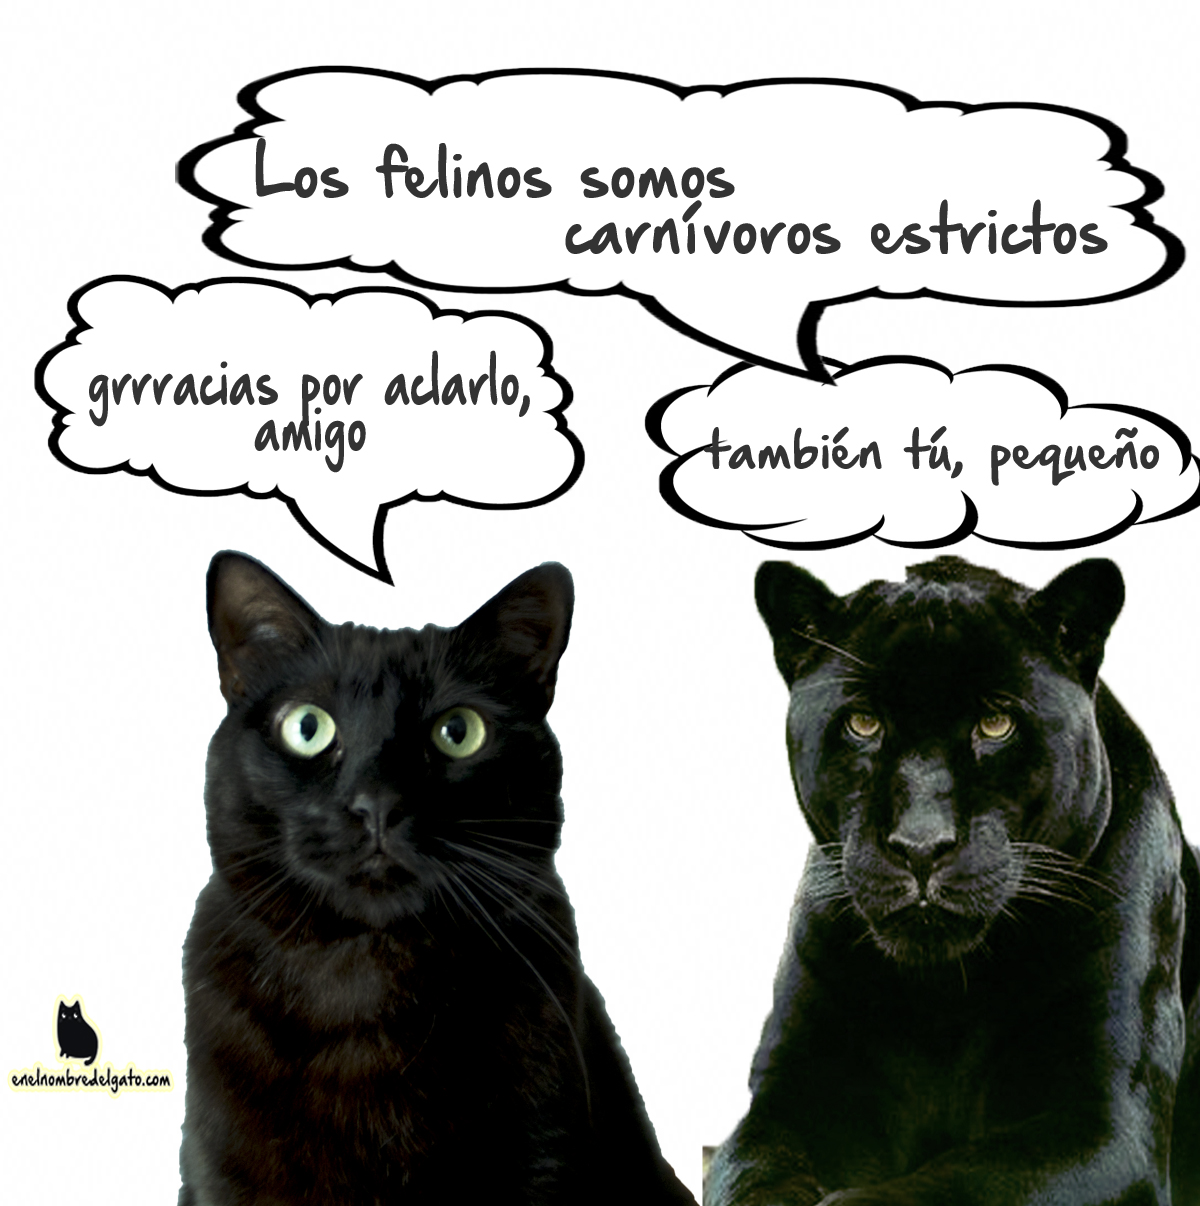 Vivir con un gato negro es como vivir con una pequeña pantera. ¡En tantos sentidos! Purrrrr